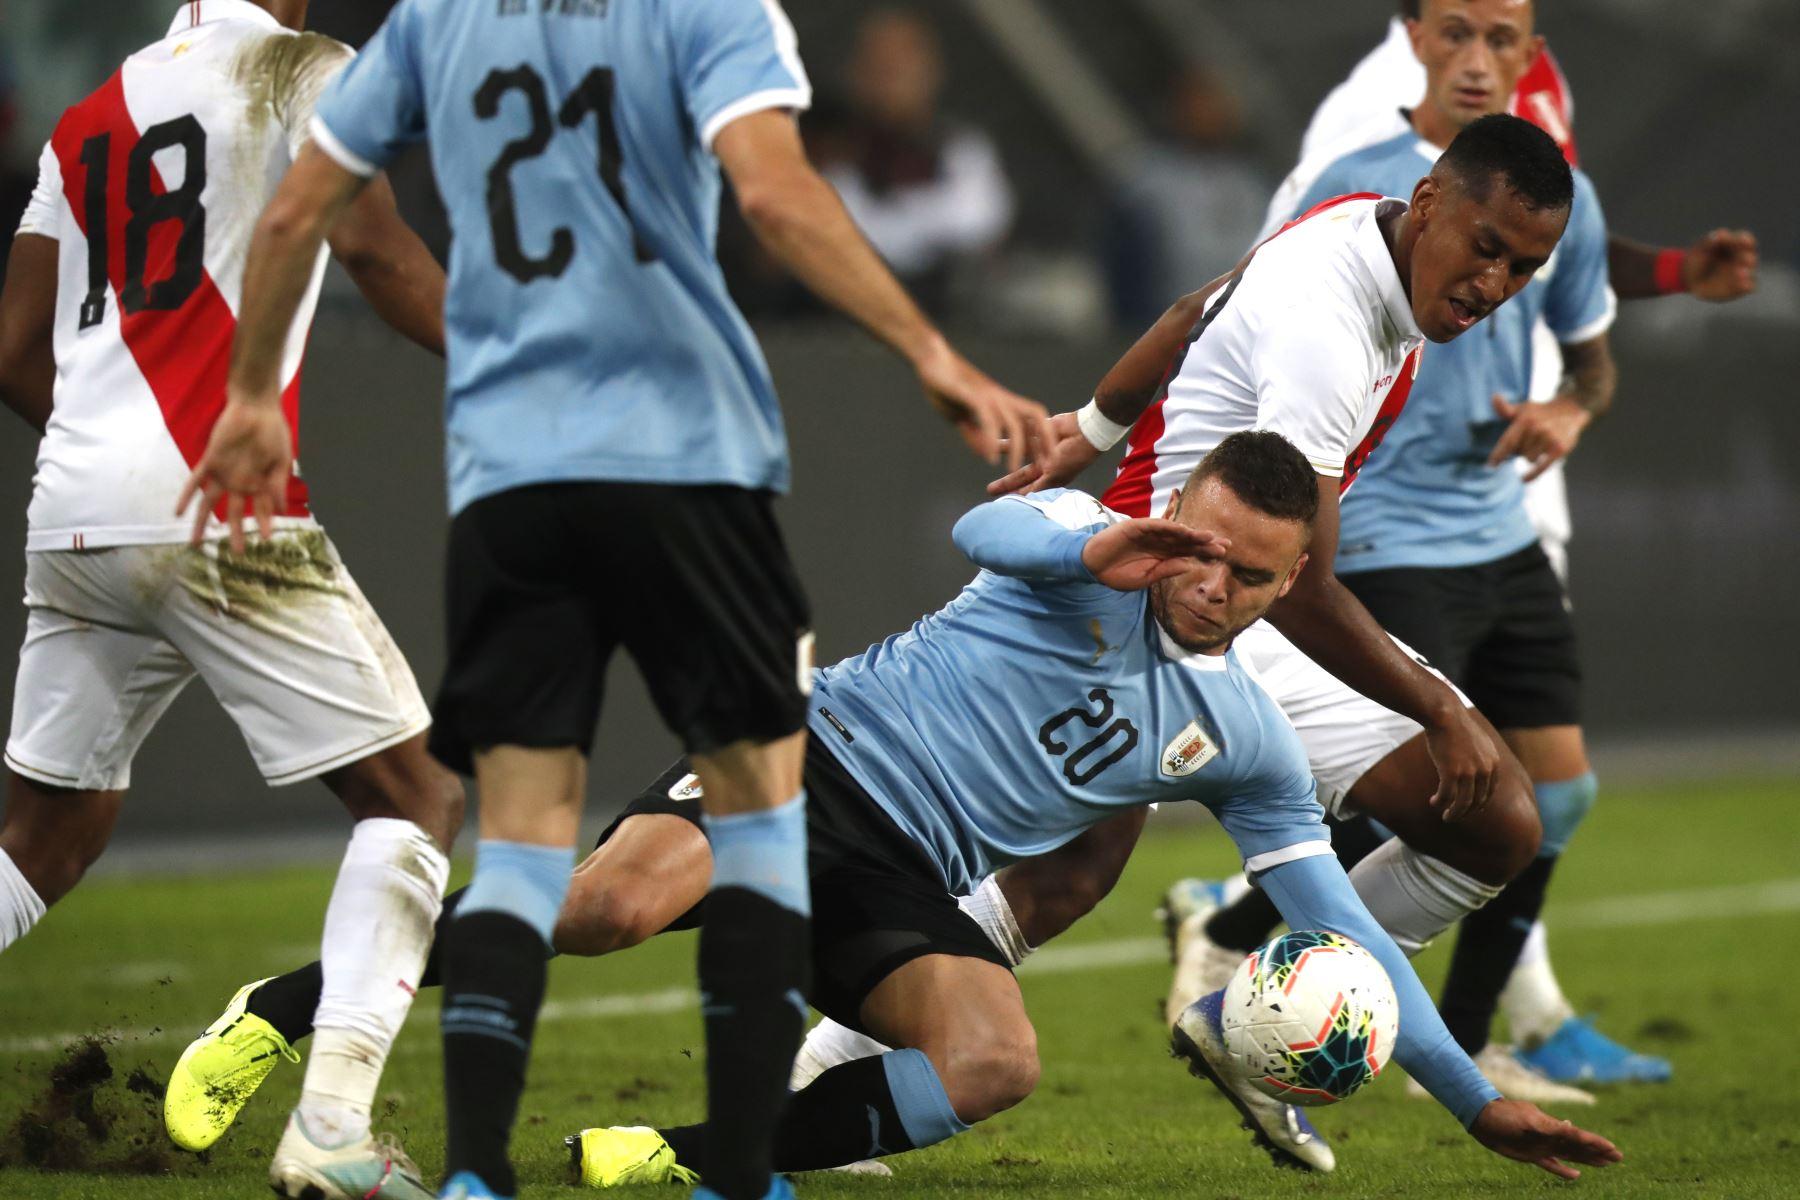 La selección peruana empató a un gol con su similar de Uruguay en el partido amistoso jugado esta noche en el estadio Nacional de Lima.Foto:ANDINA/ Carlos Lezama